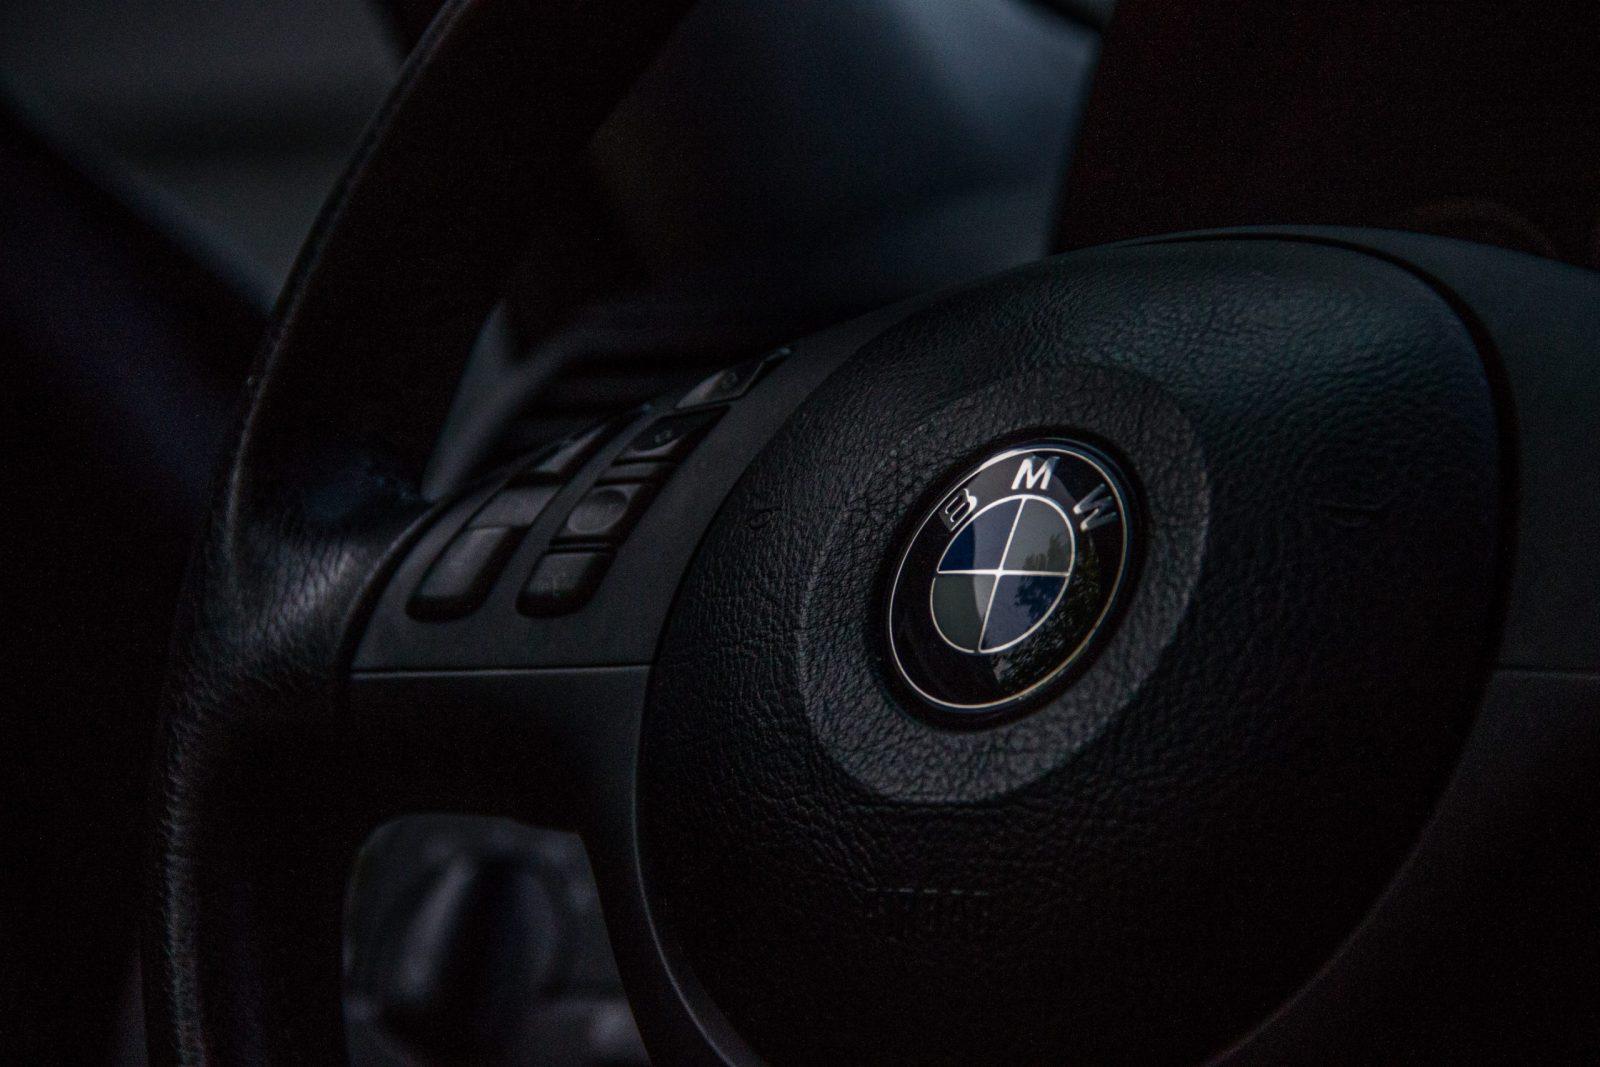 BMW et Nvidia collaborent dans la mise en place de robots logistiques utilisant l'IA pour déplacer des pièces de voiture